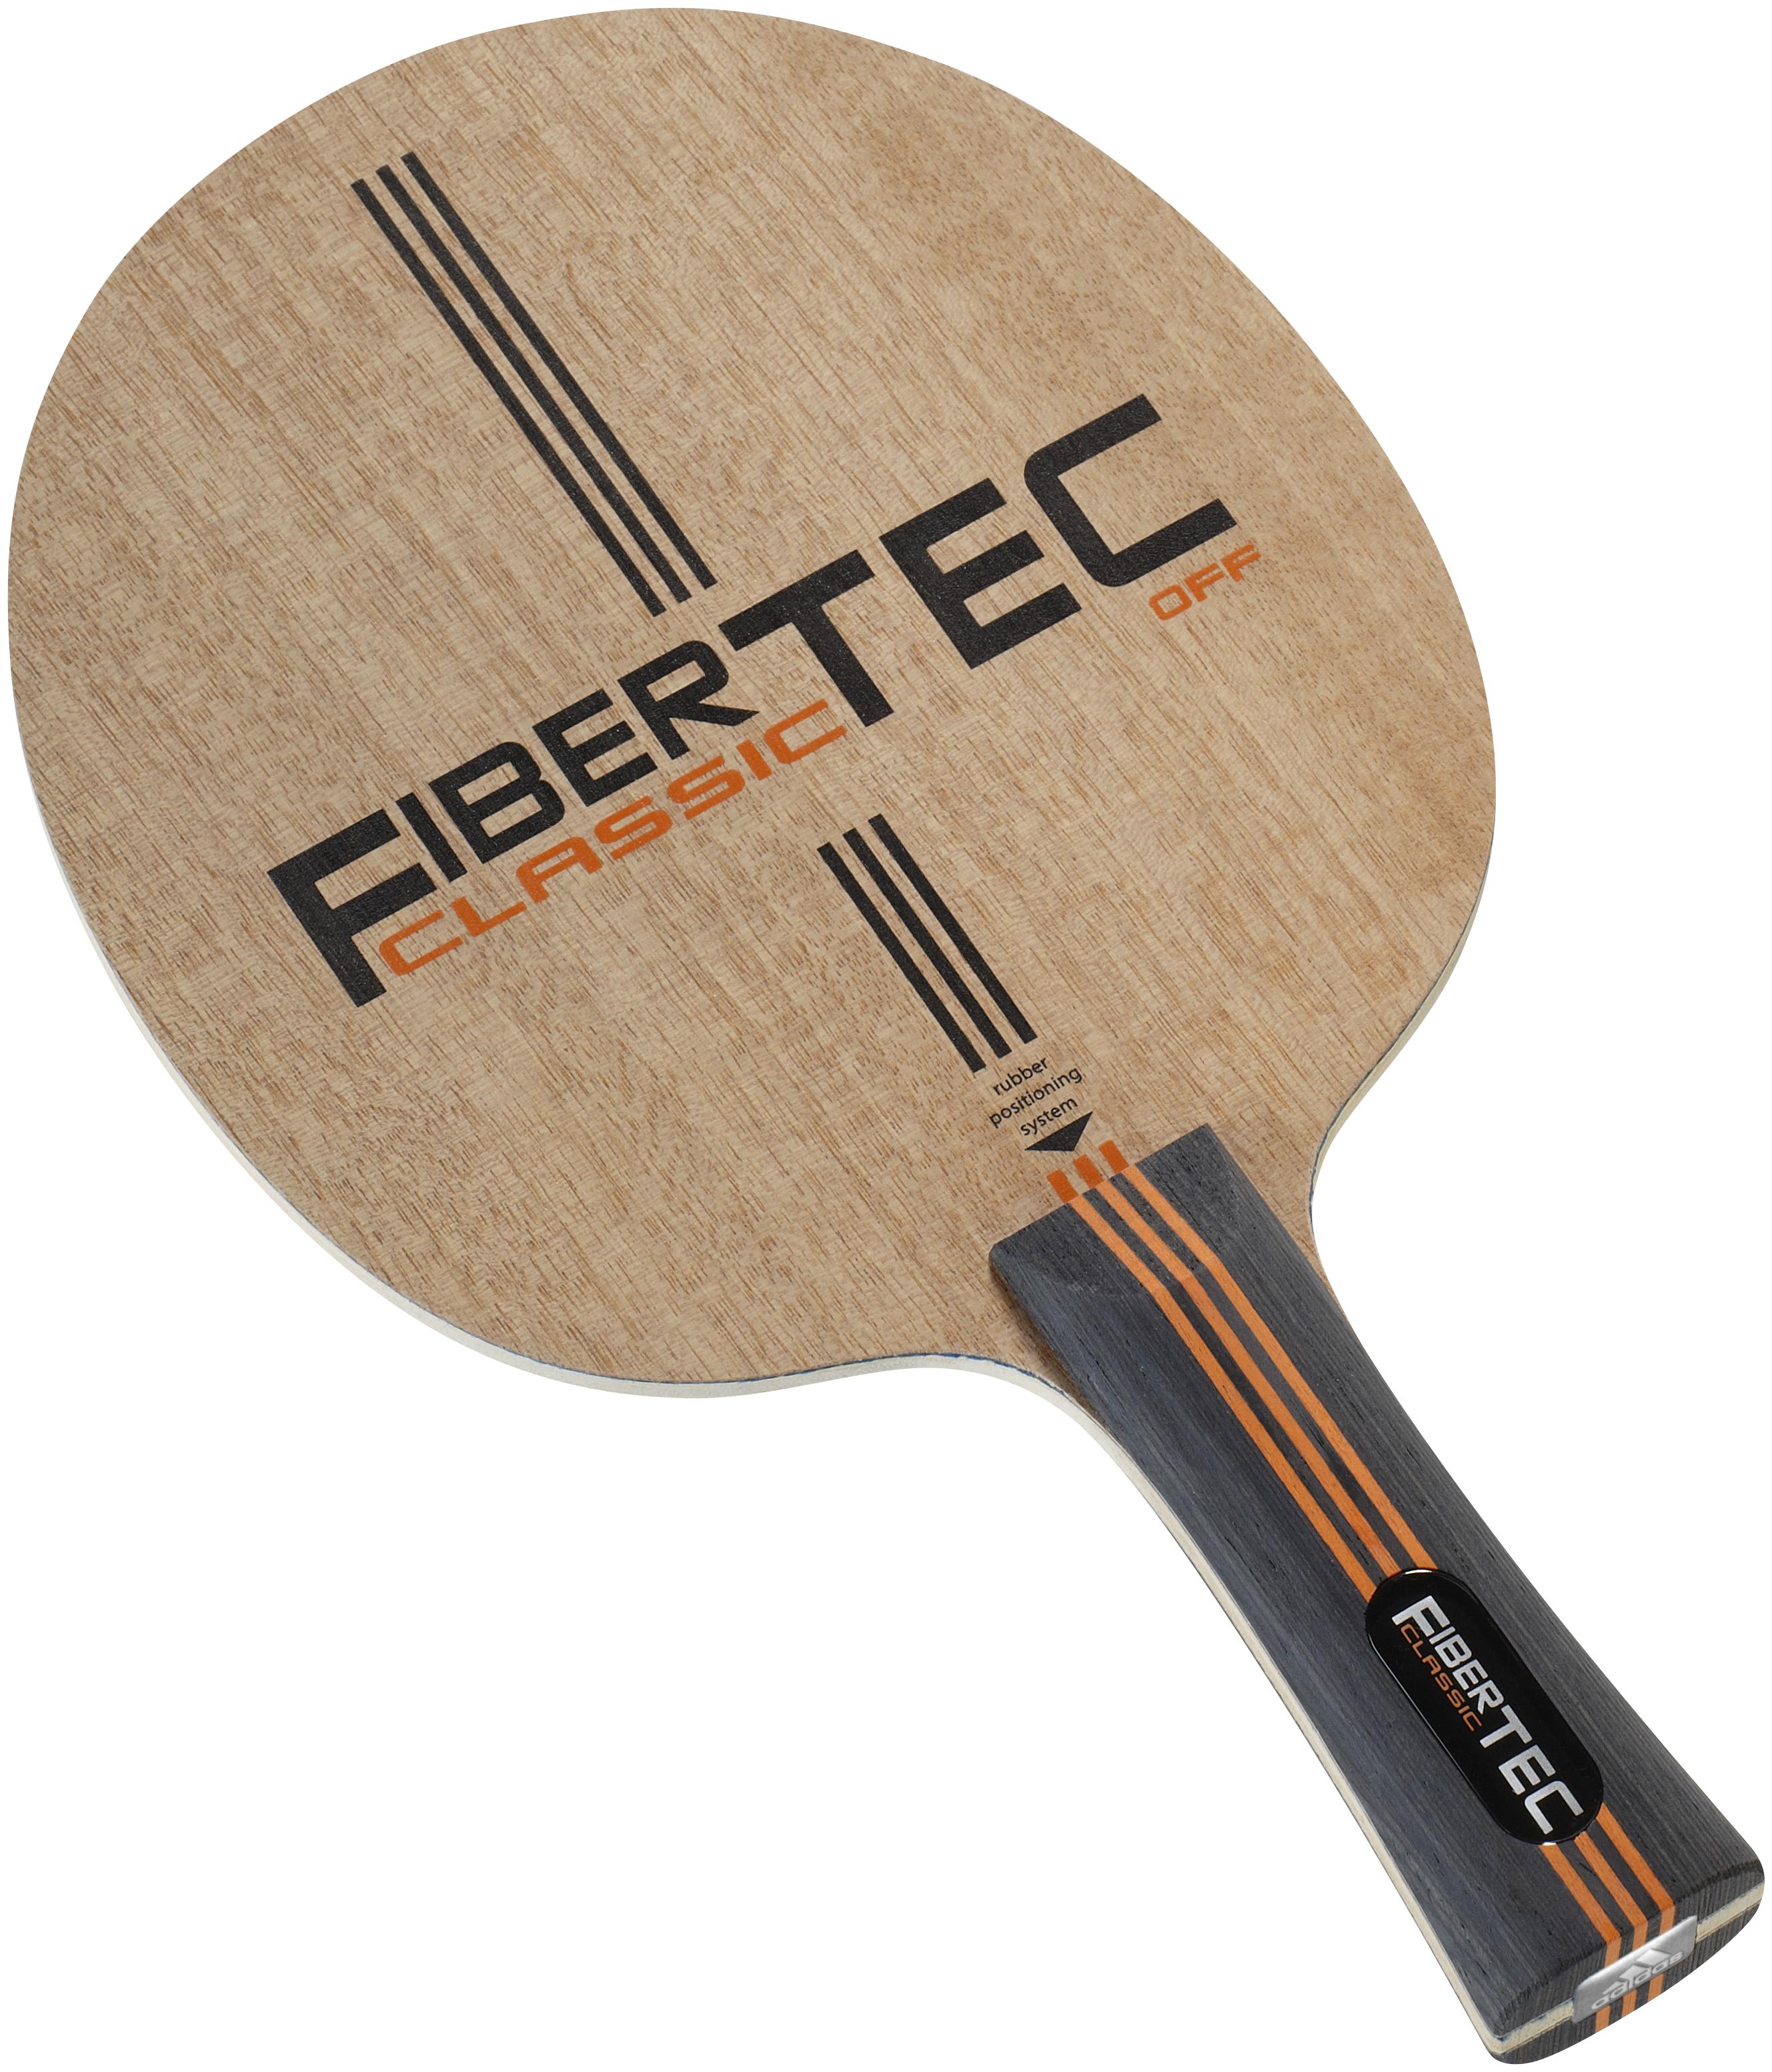 Adidas Fibertec Classic - Tischtennis Holz